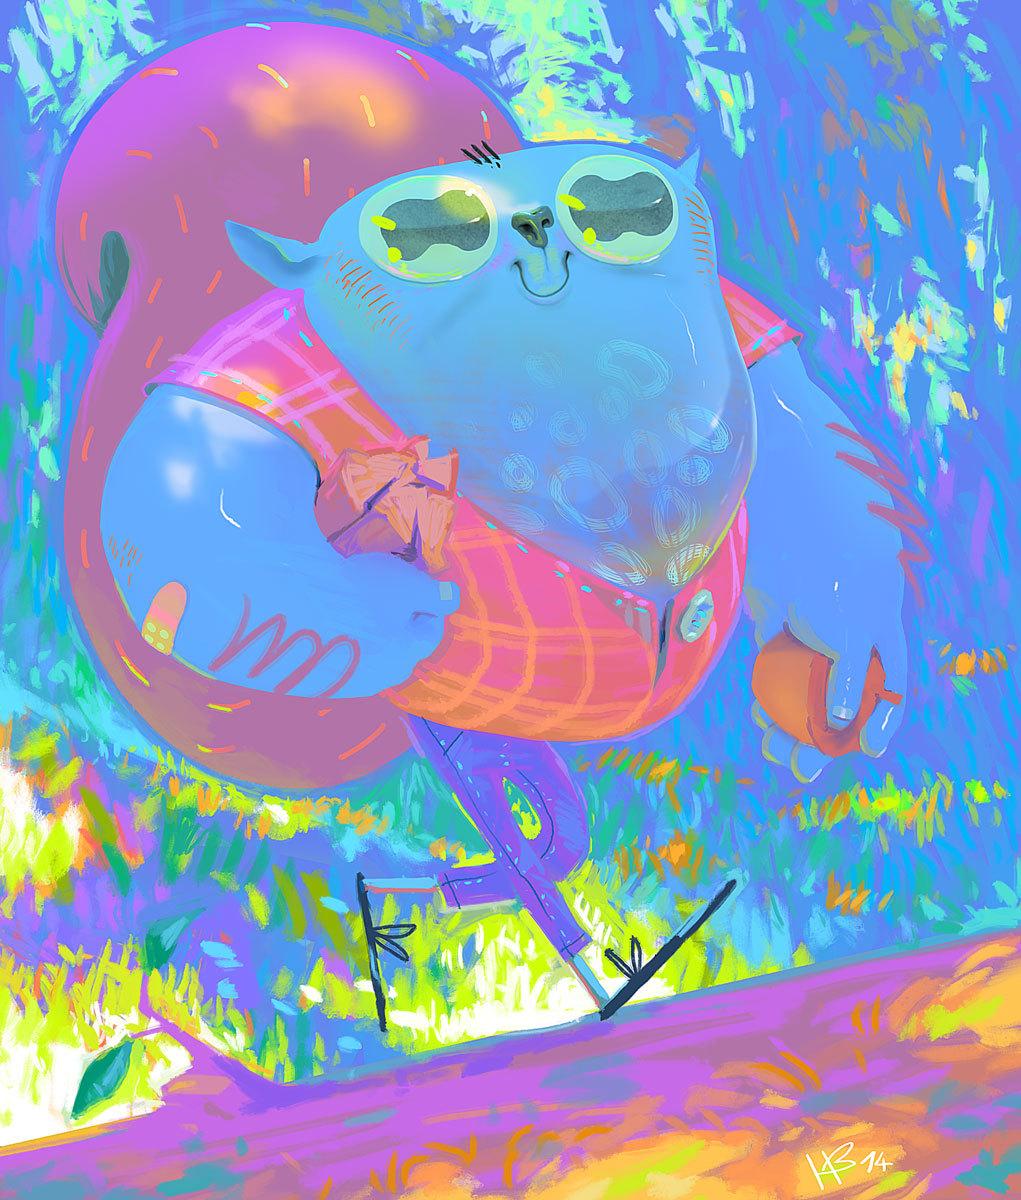 Squiddle